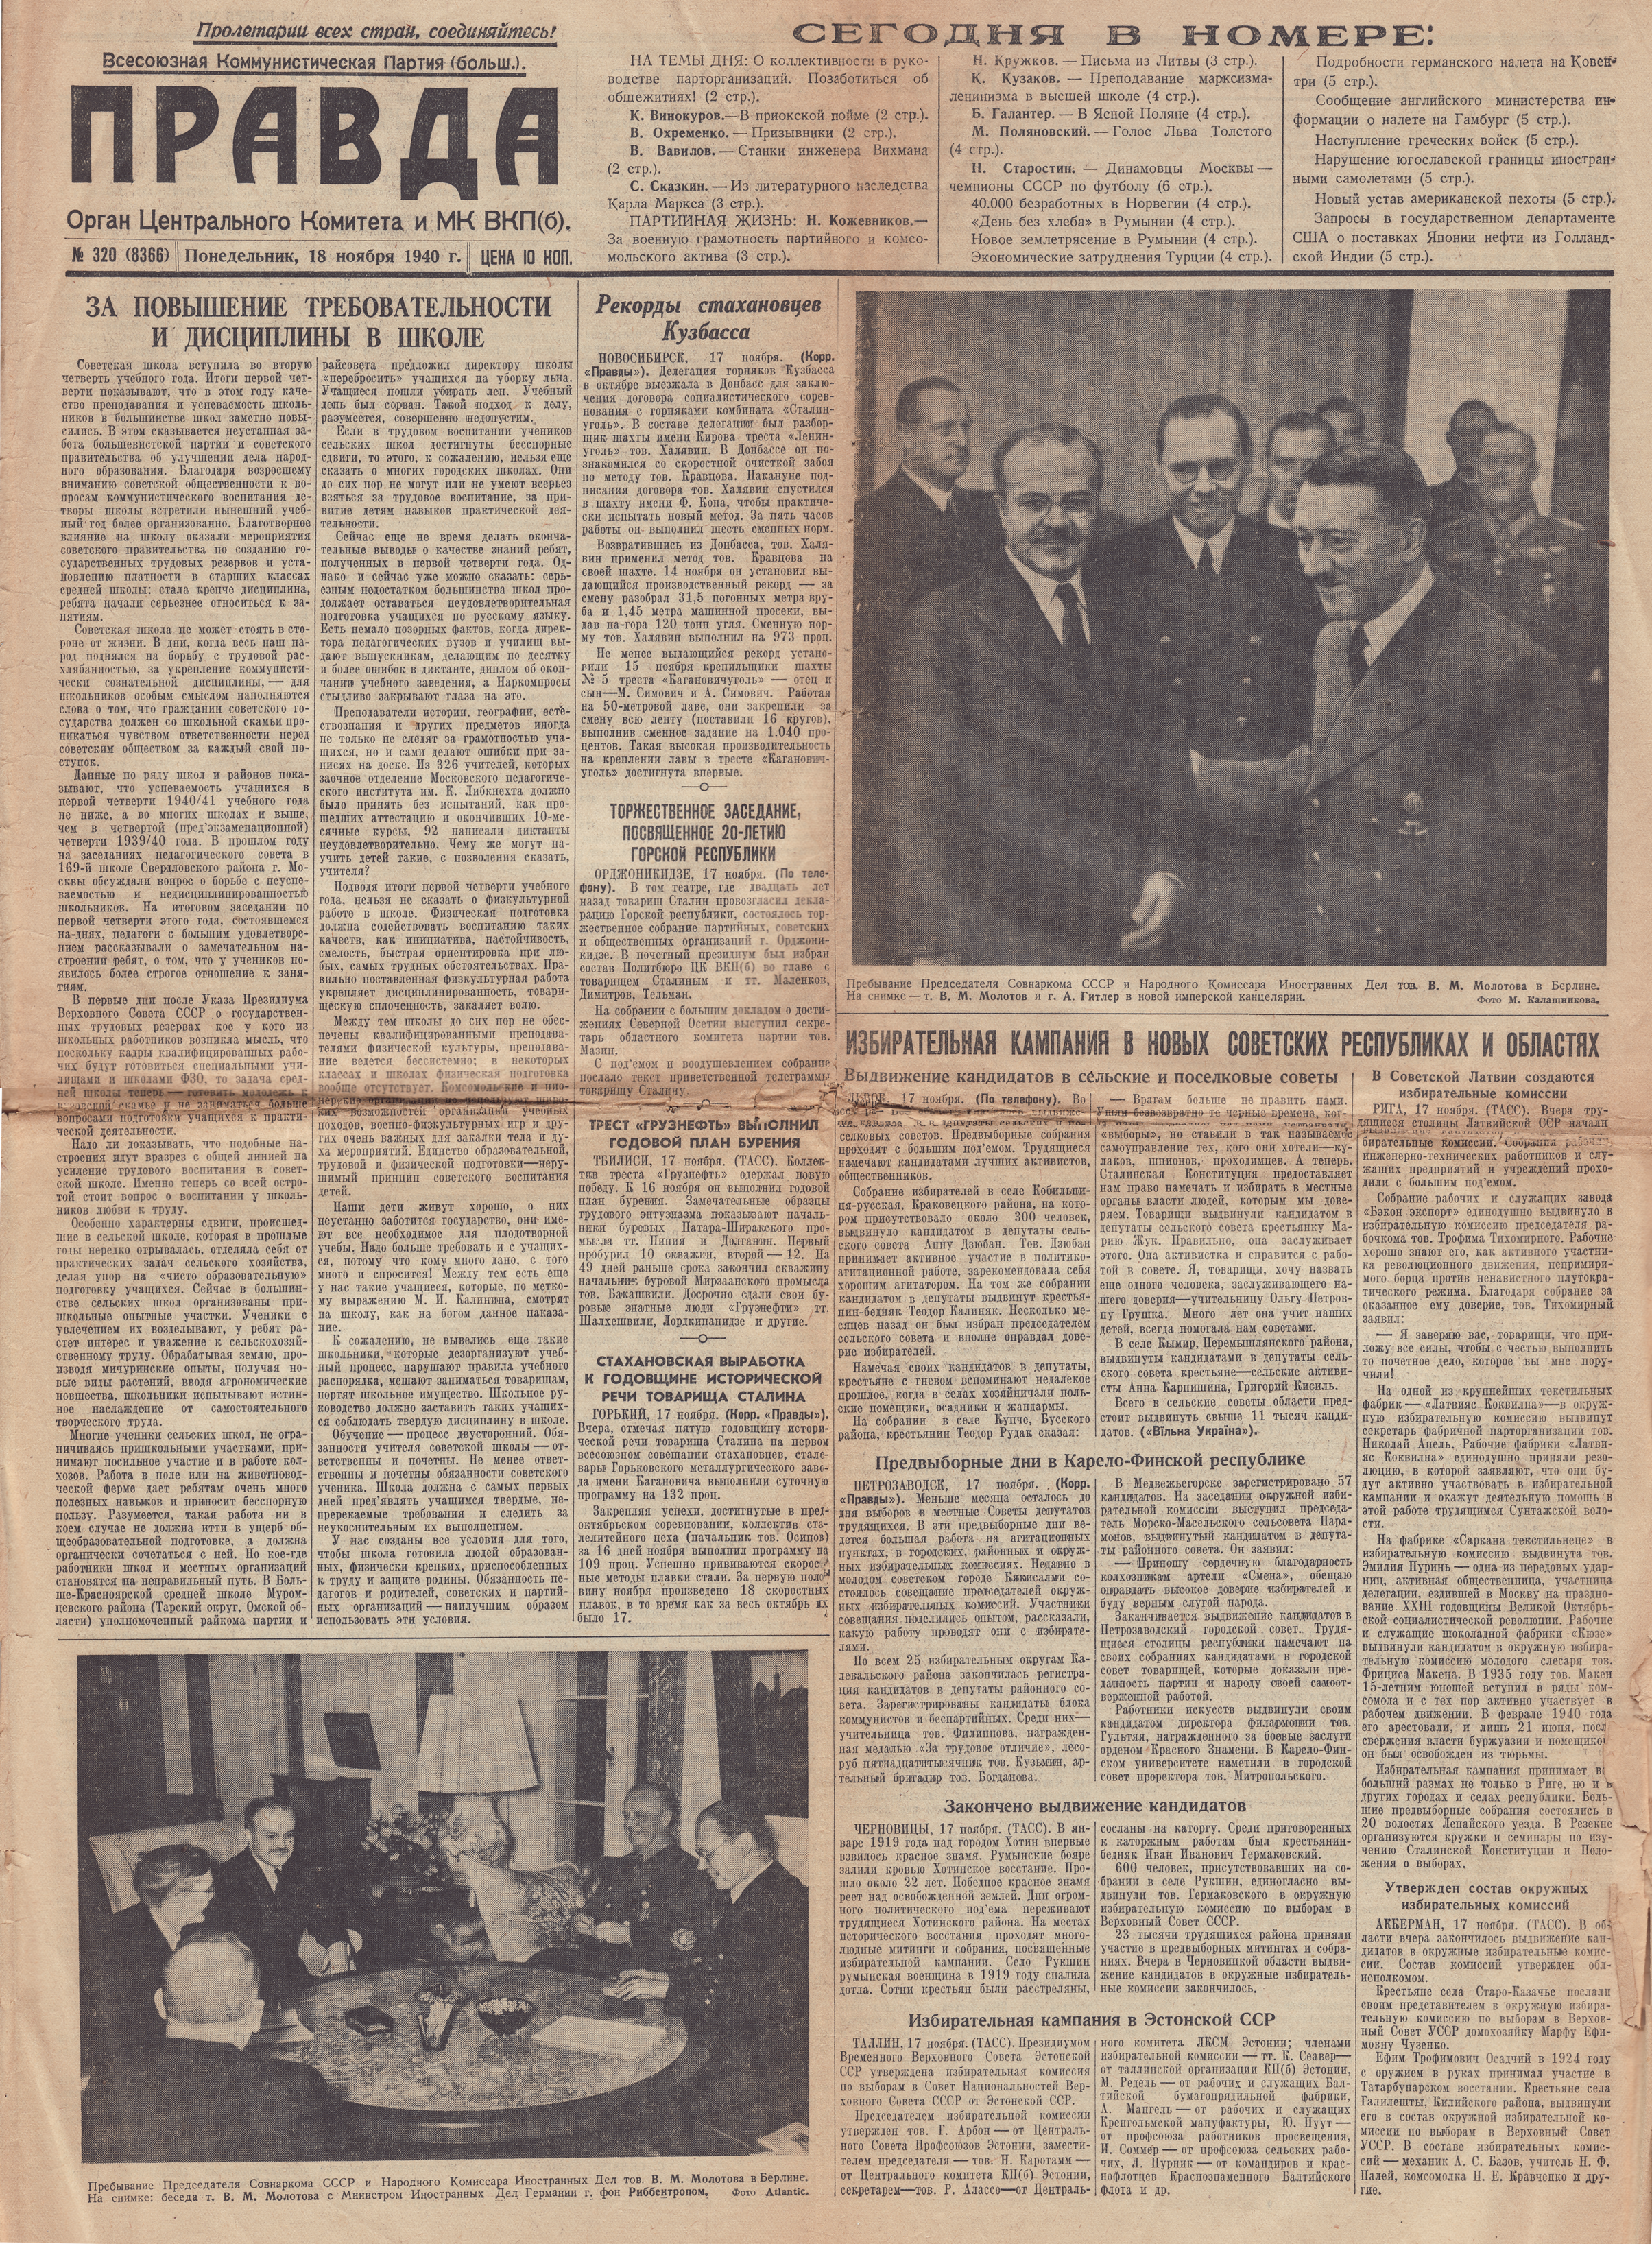 Встреча Гитлера и Скрябина по уголовно-большевицкой кличке «Молотов».